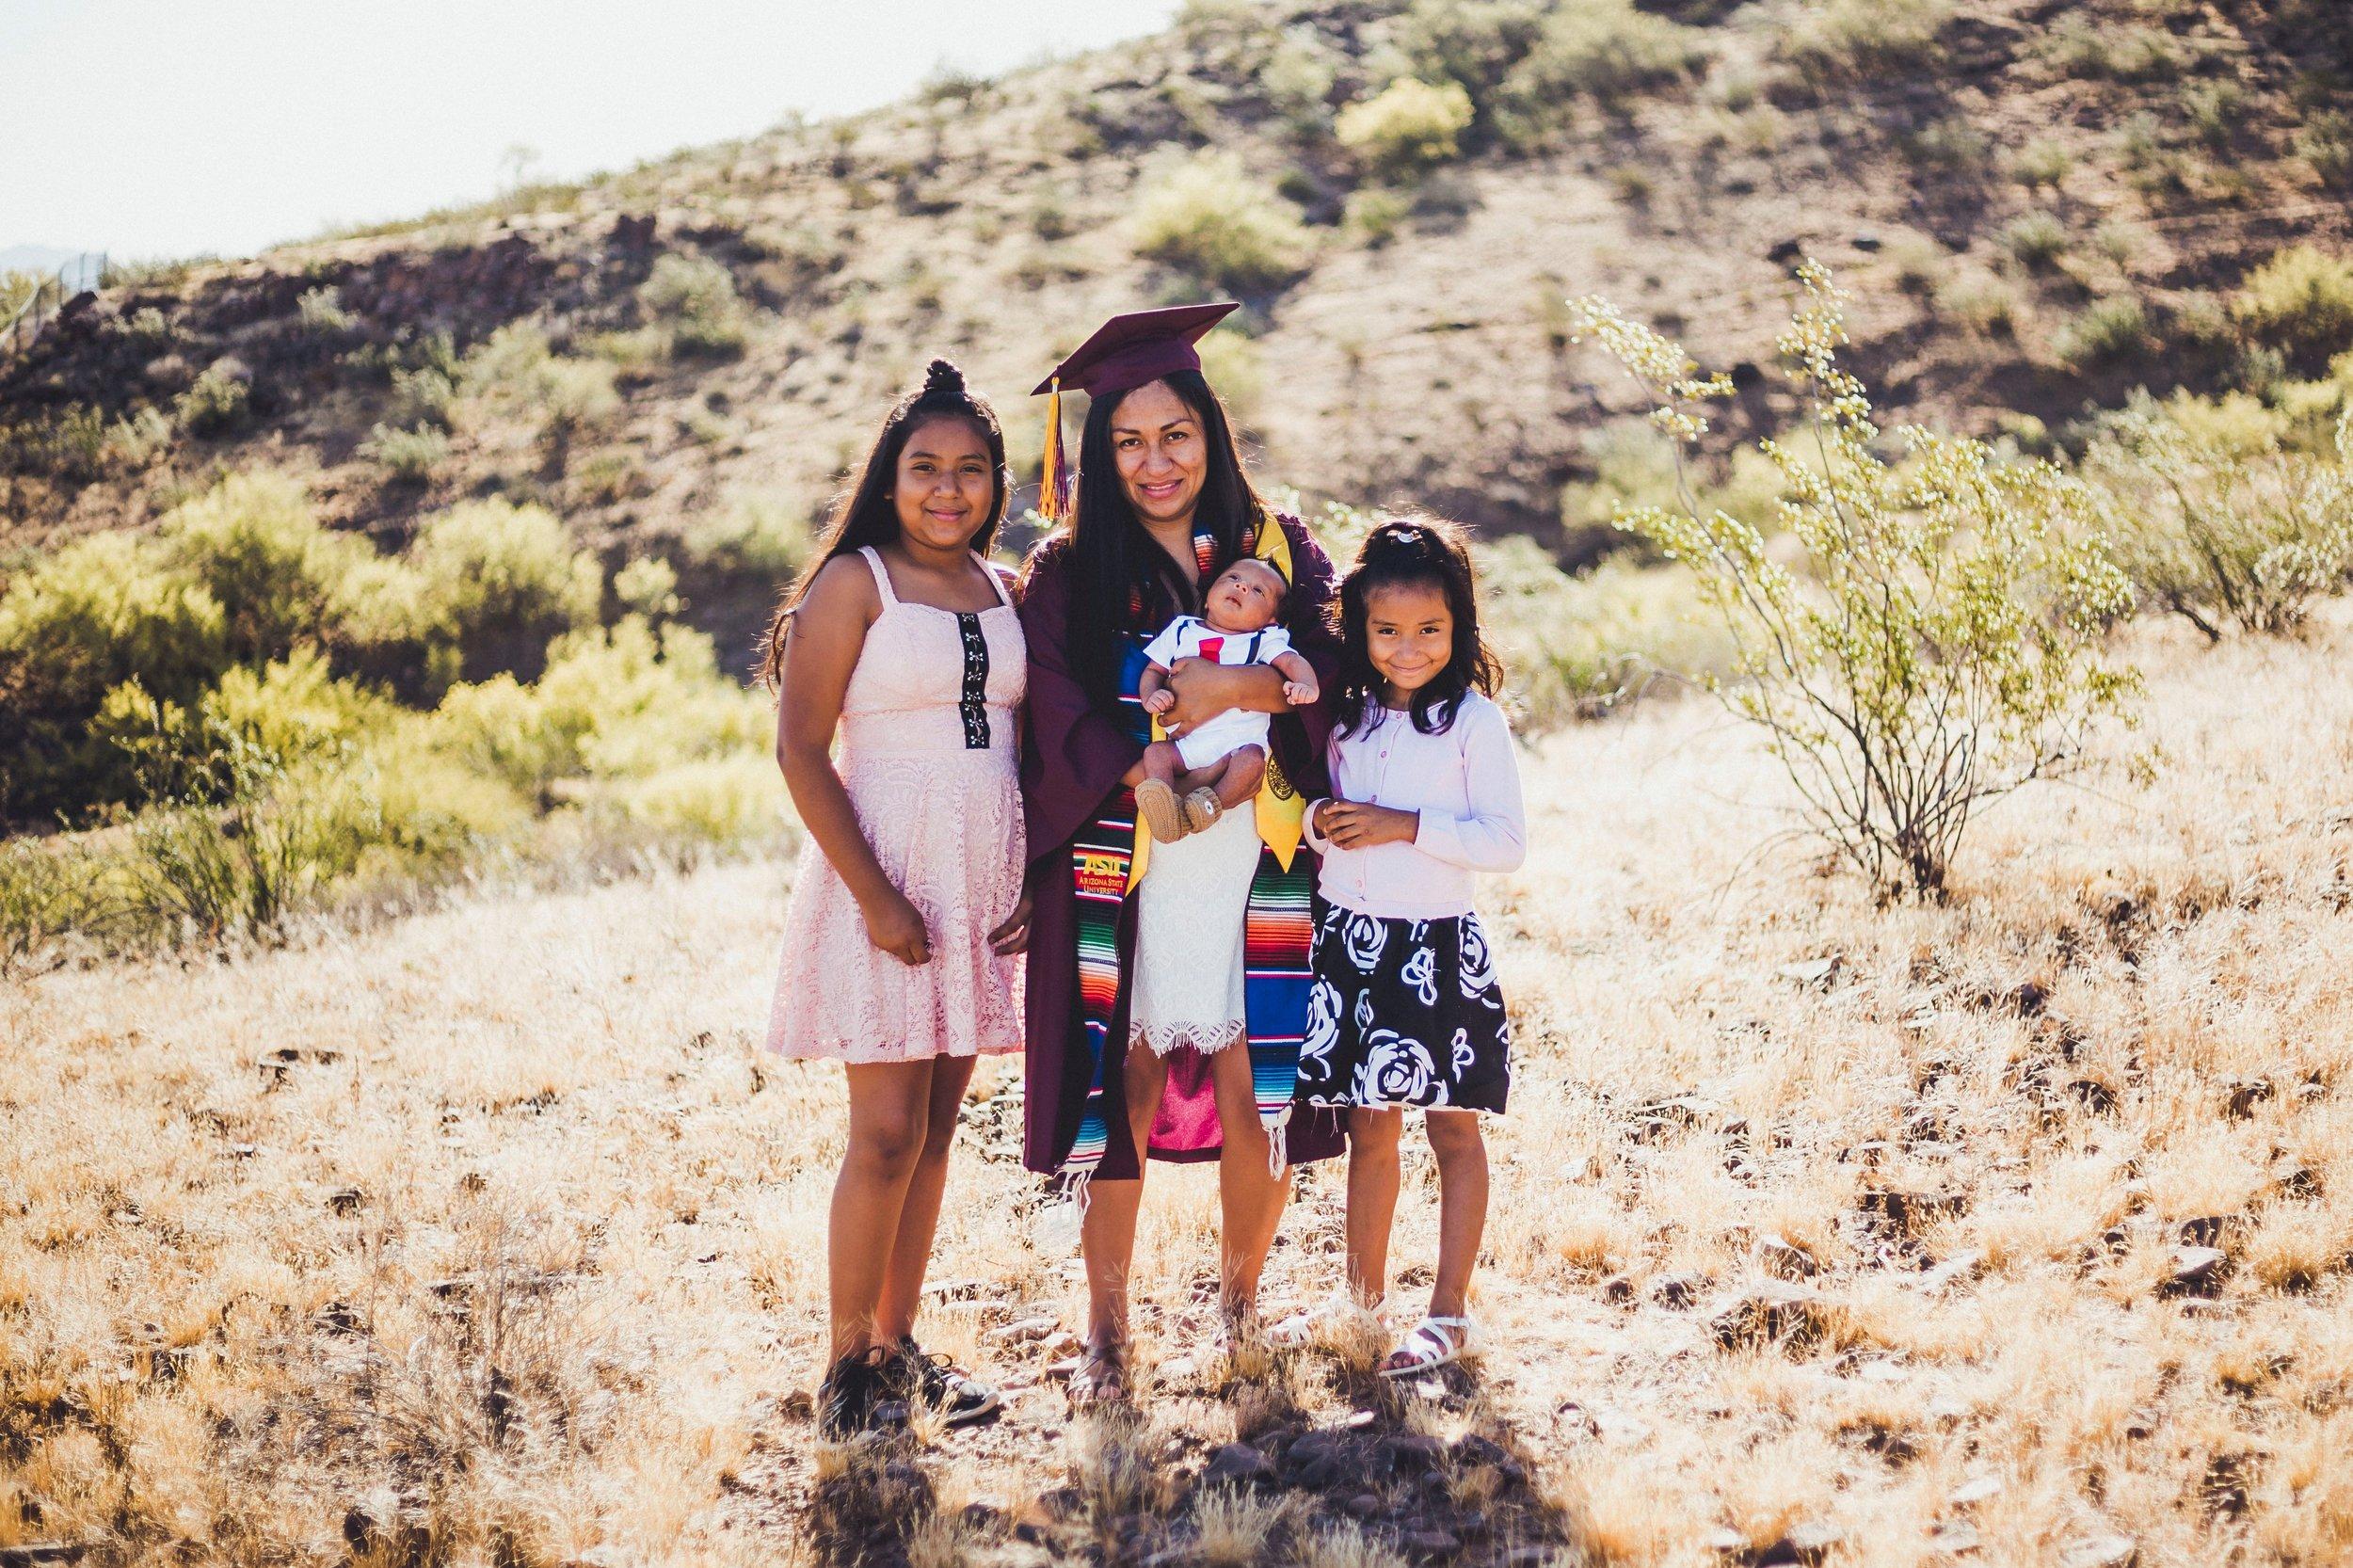 05-02-2019 Blanca y Laura Grad Portraits_4539.jpg